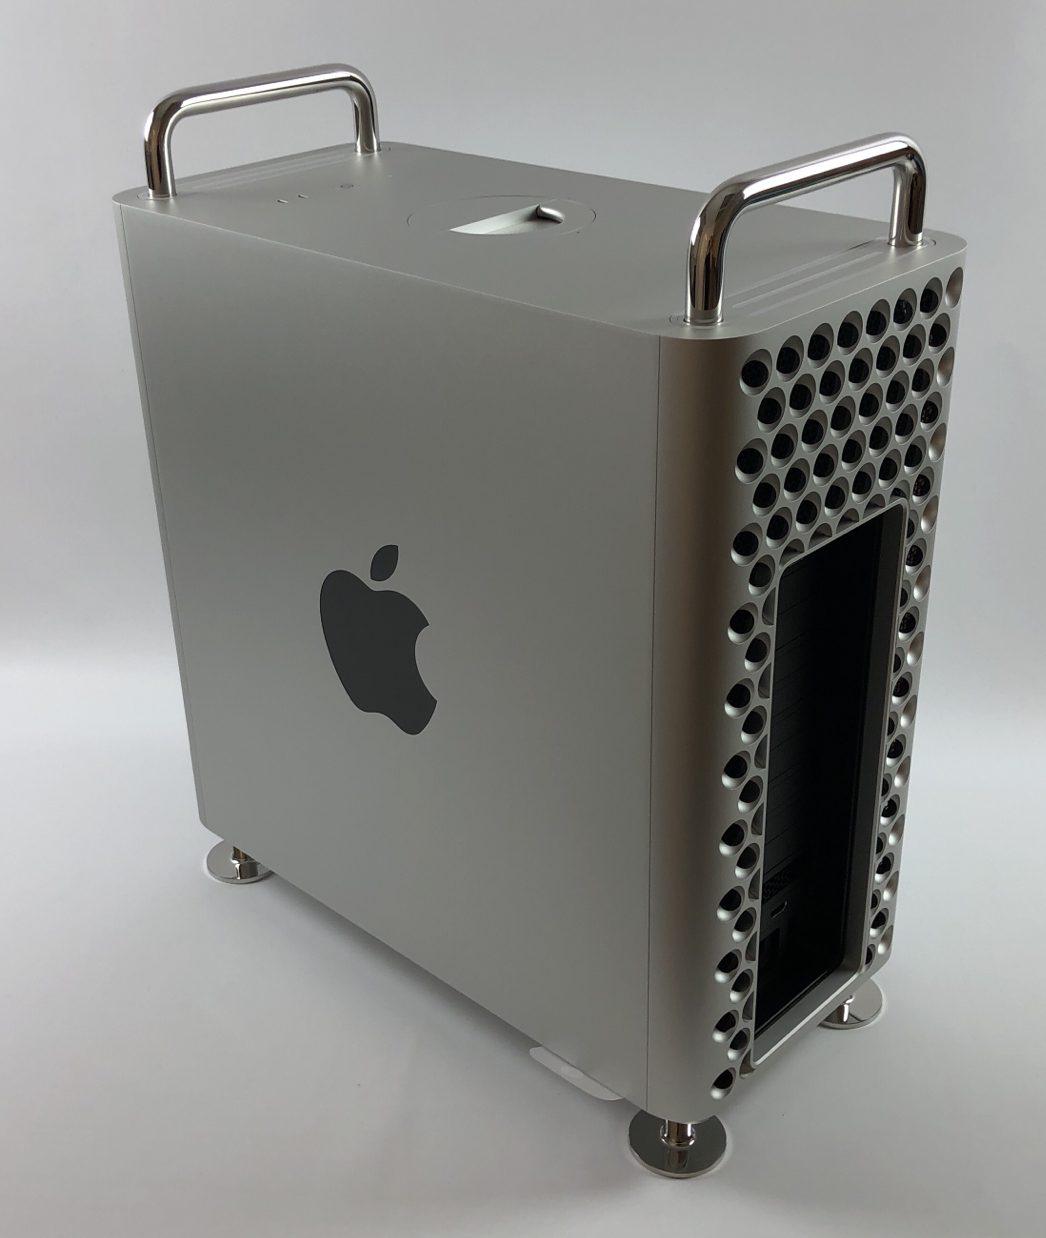 Mac Pro Late 2019 (Intel 8-Core Xeon W 3.5 GHz 32 GB RAM 256 GB SSD), Intel 8-Core Xeon W 3.5 GHz, 32 GB RAM, 256 GB SSD, imagen 3